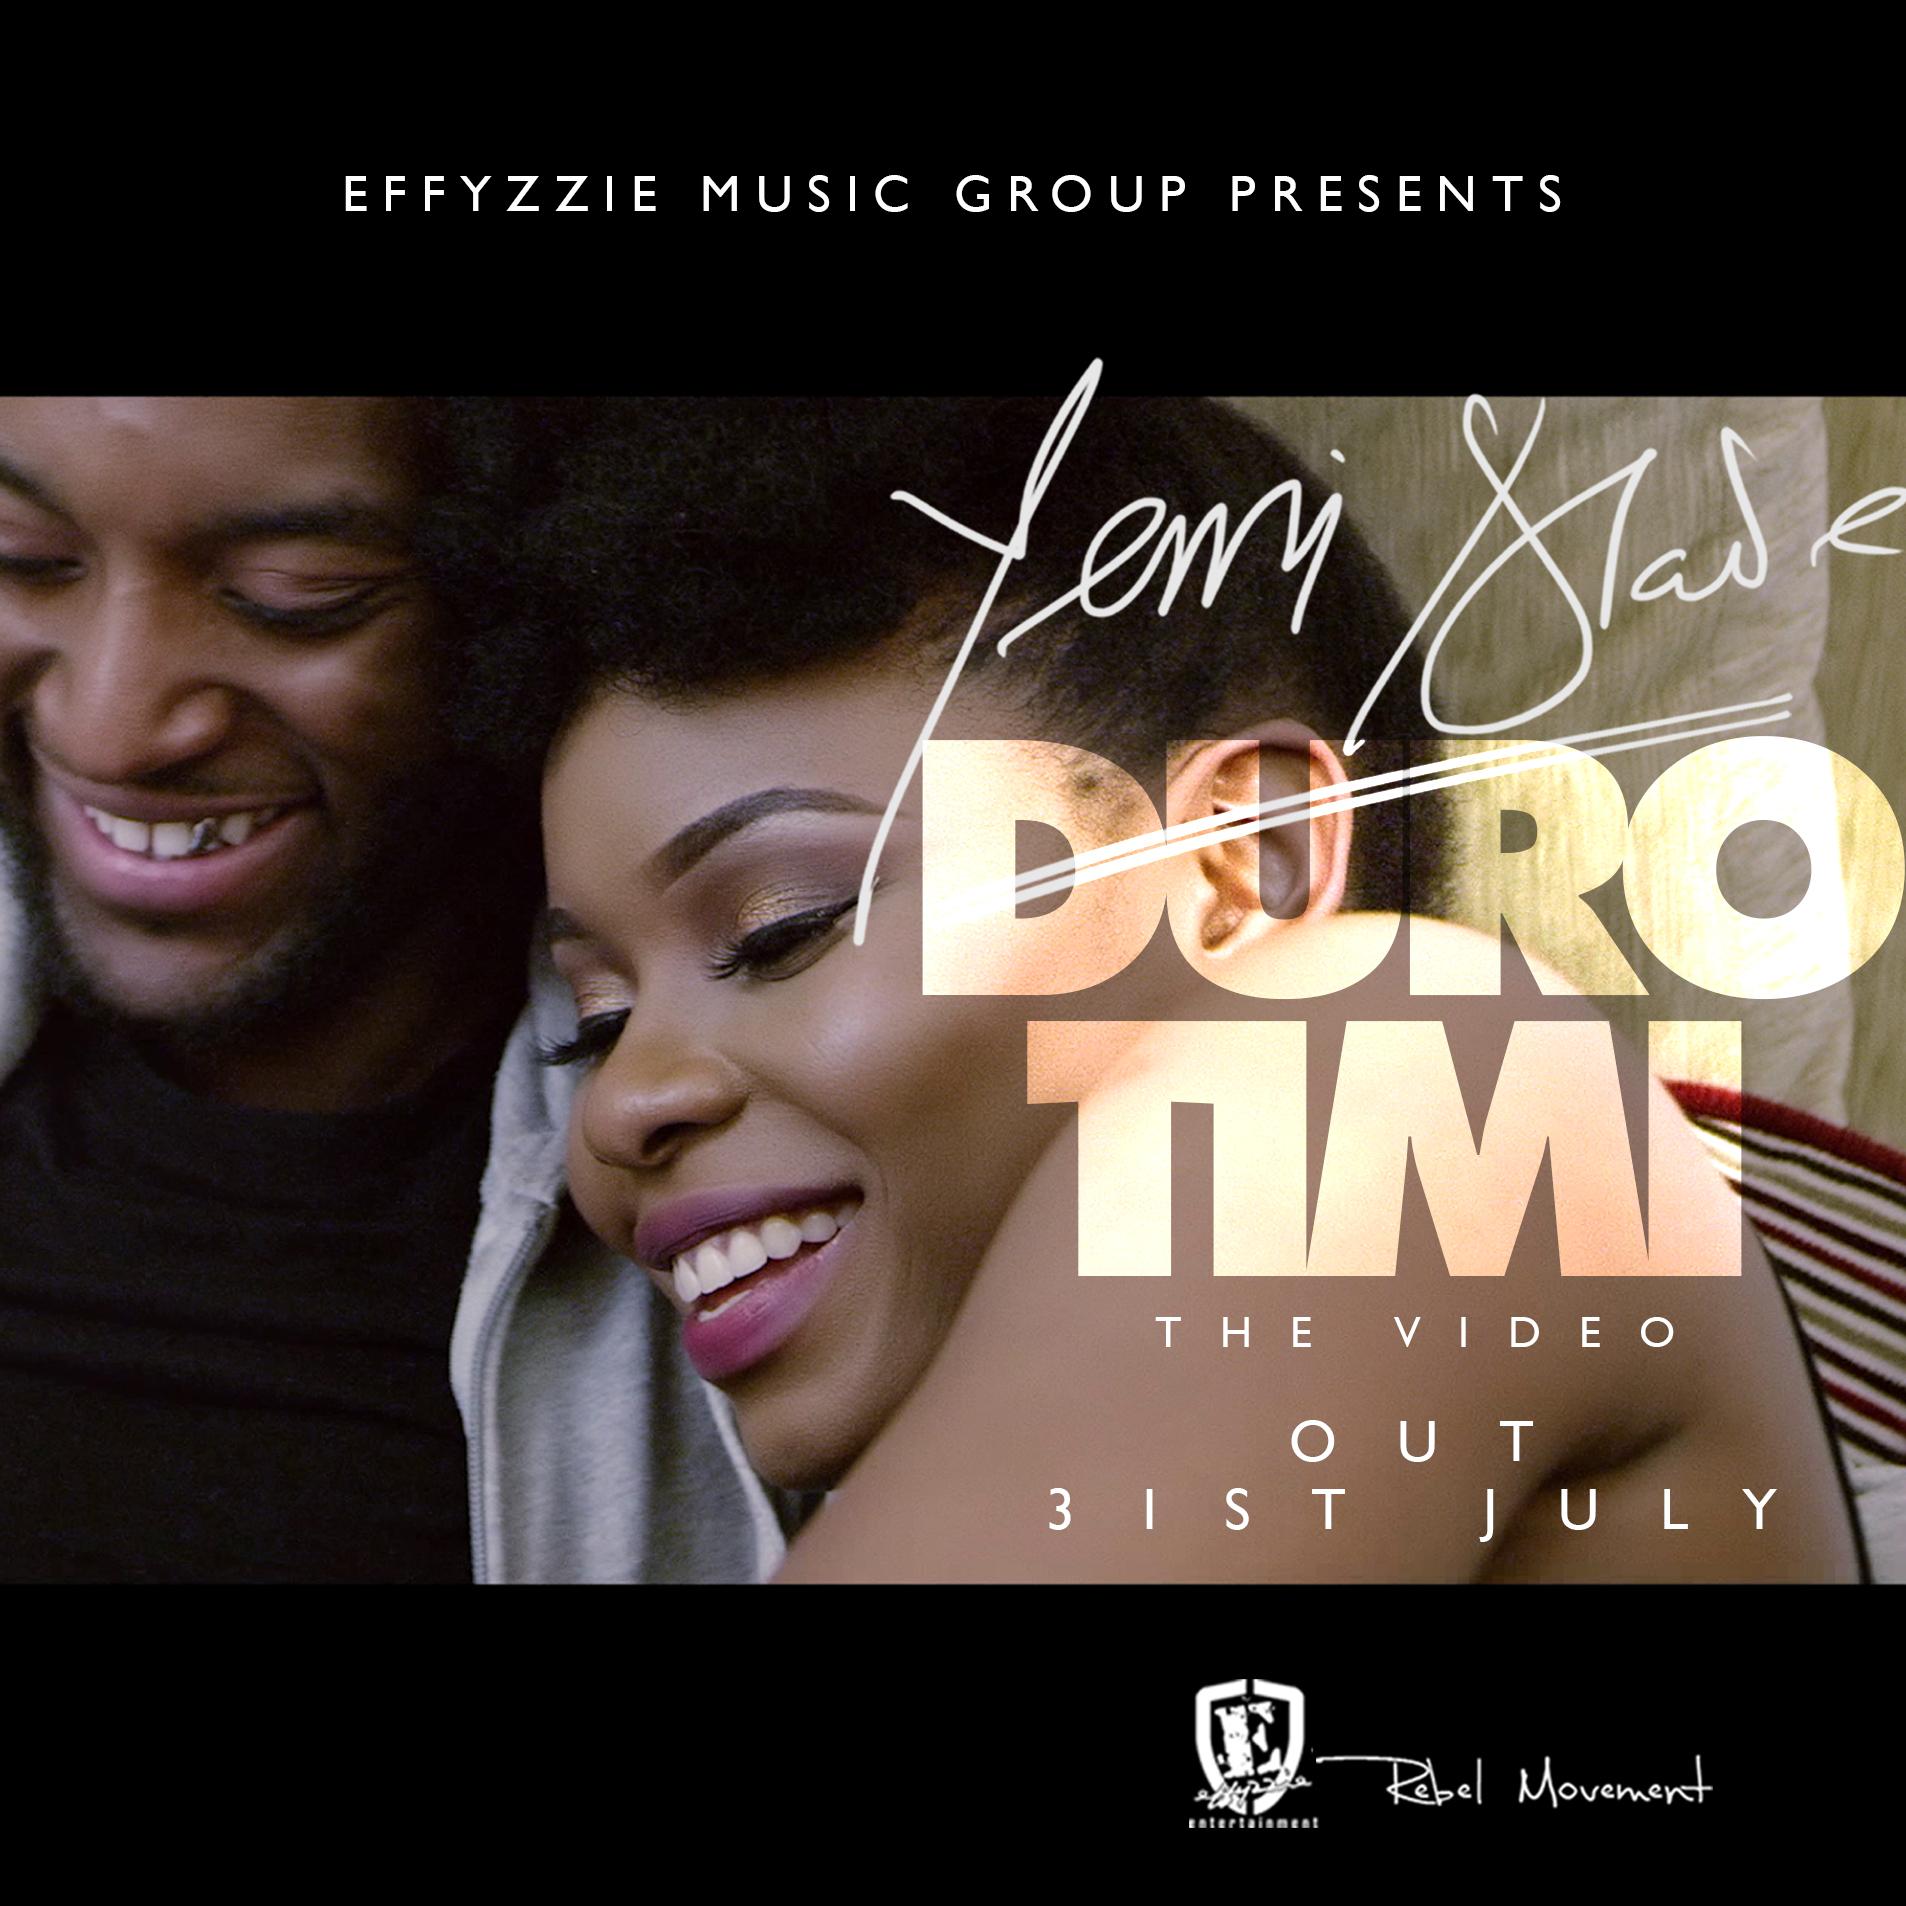 VIDEO PREMIERE: Yemi Alade - Duro Timi